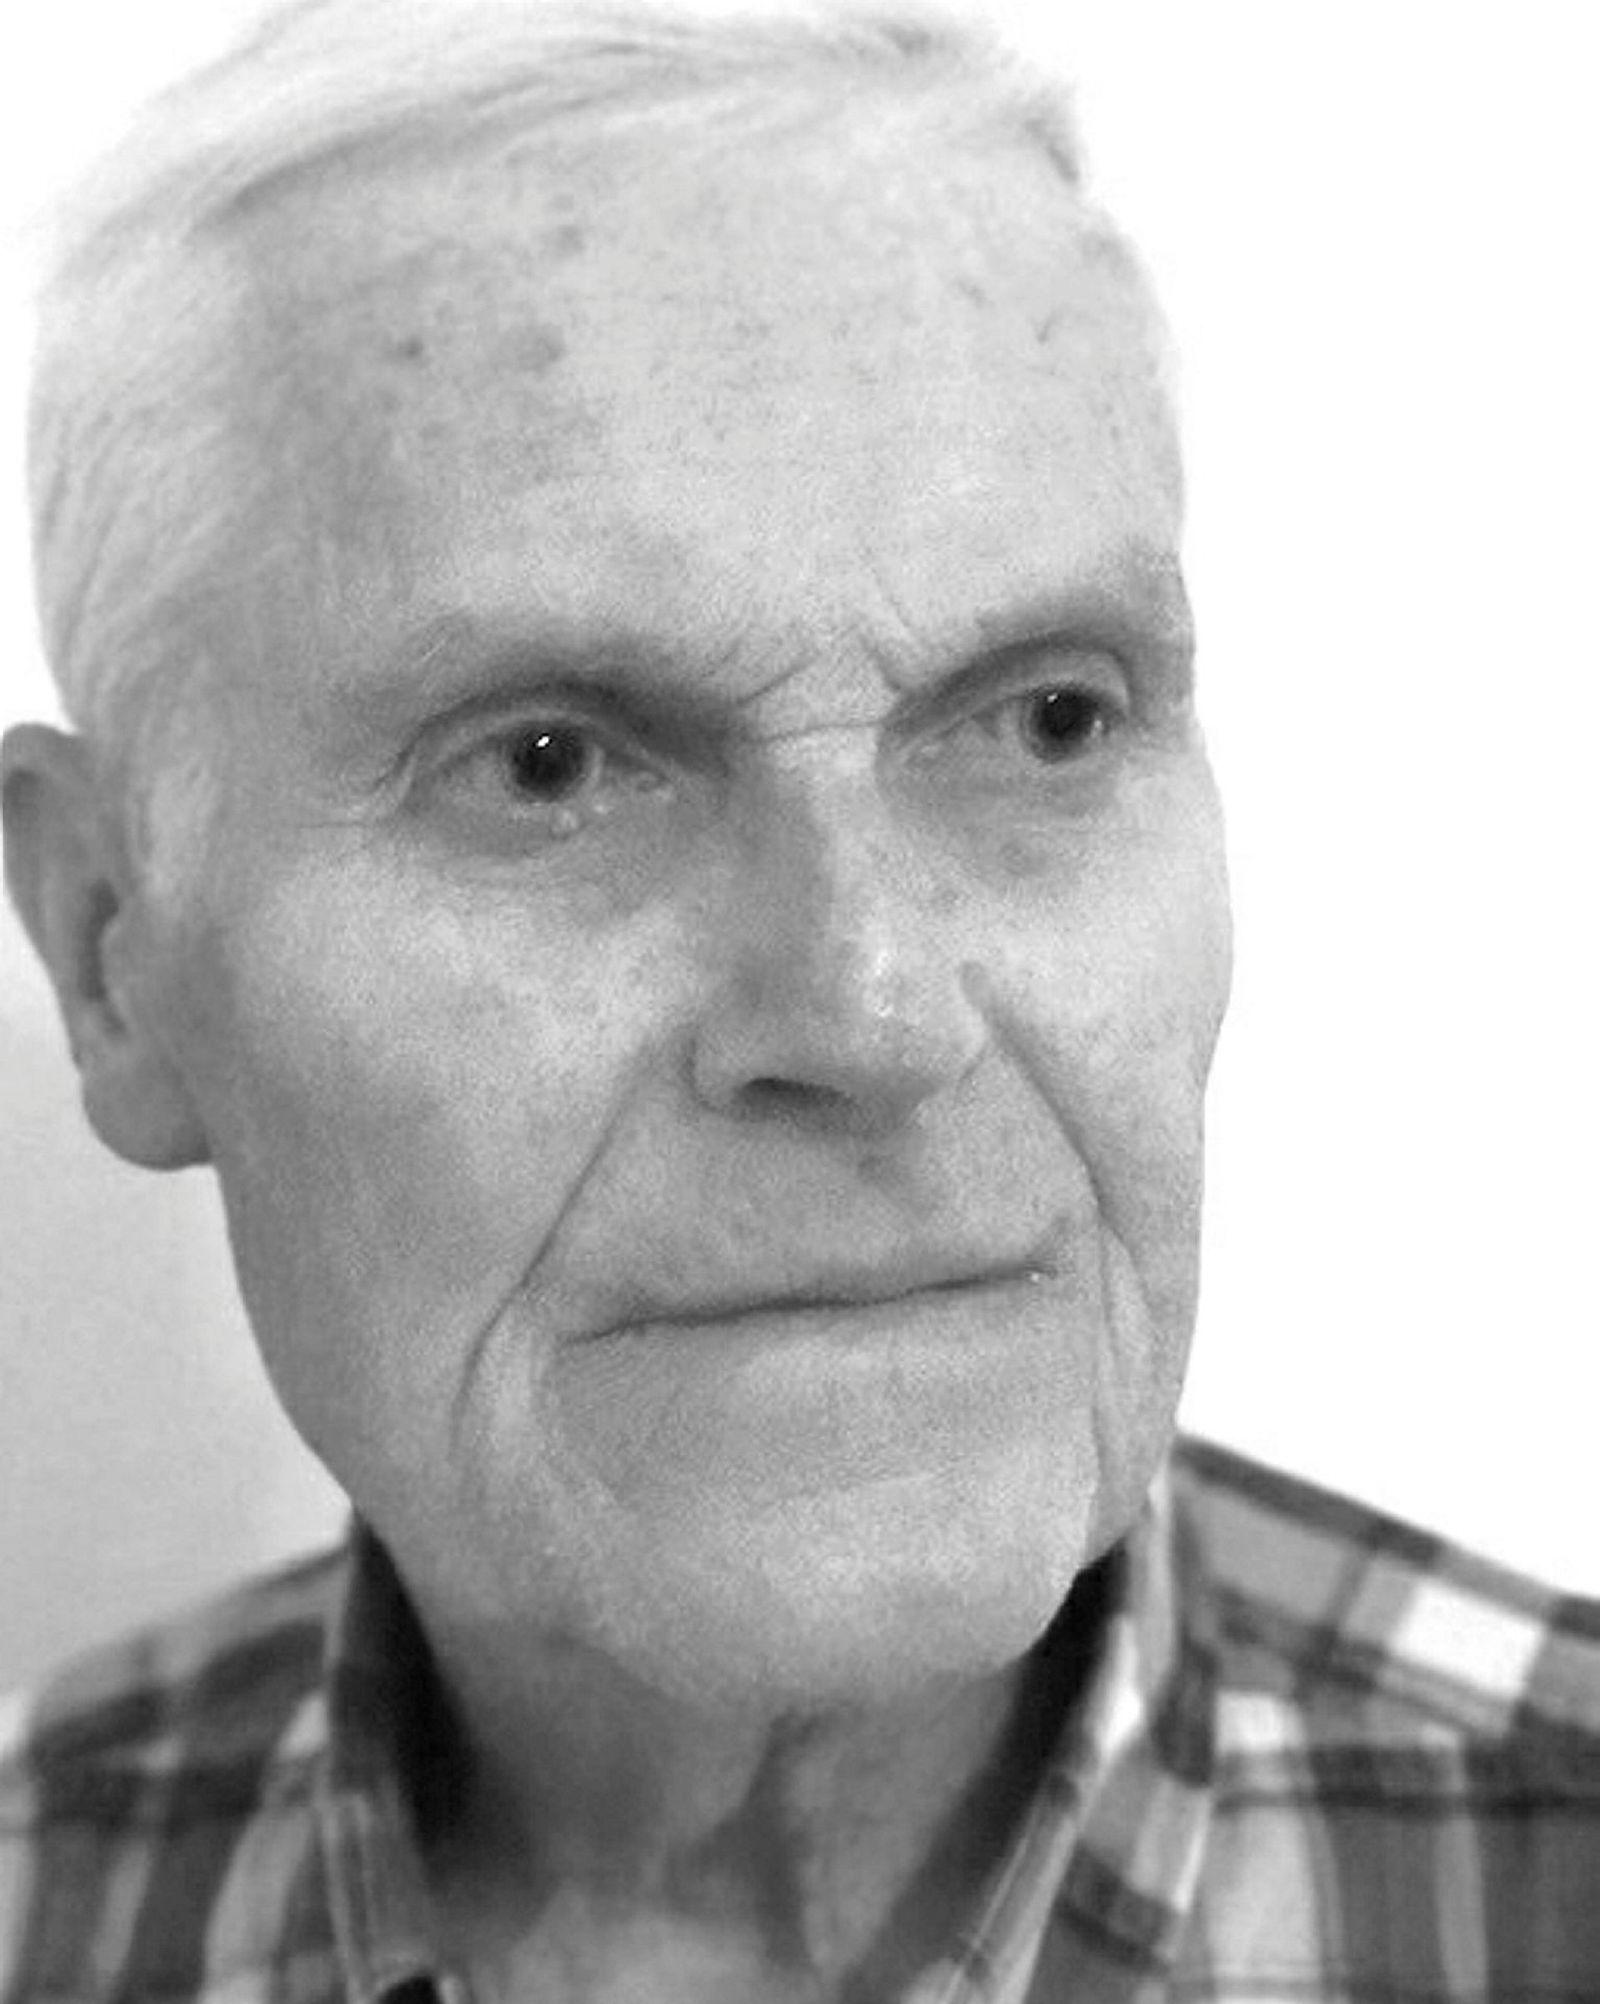 Emil Aall Dahle